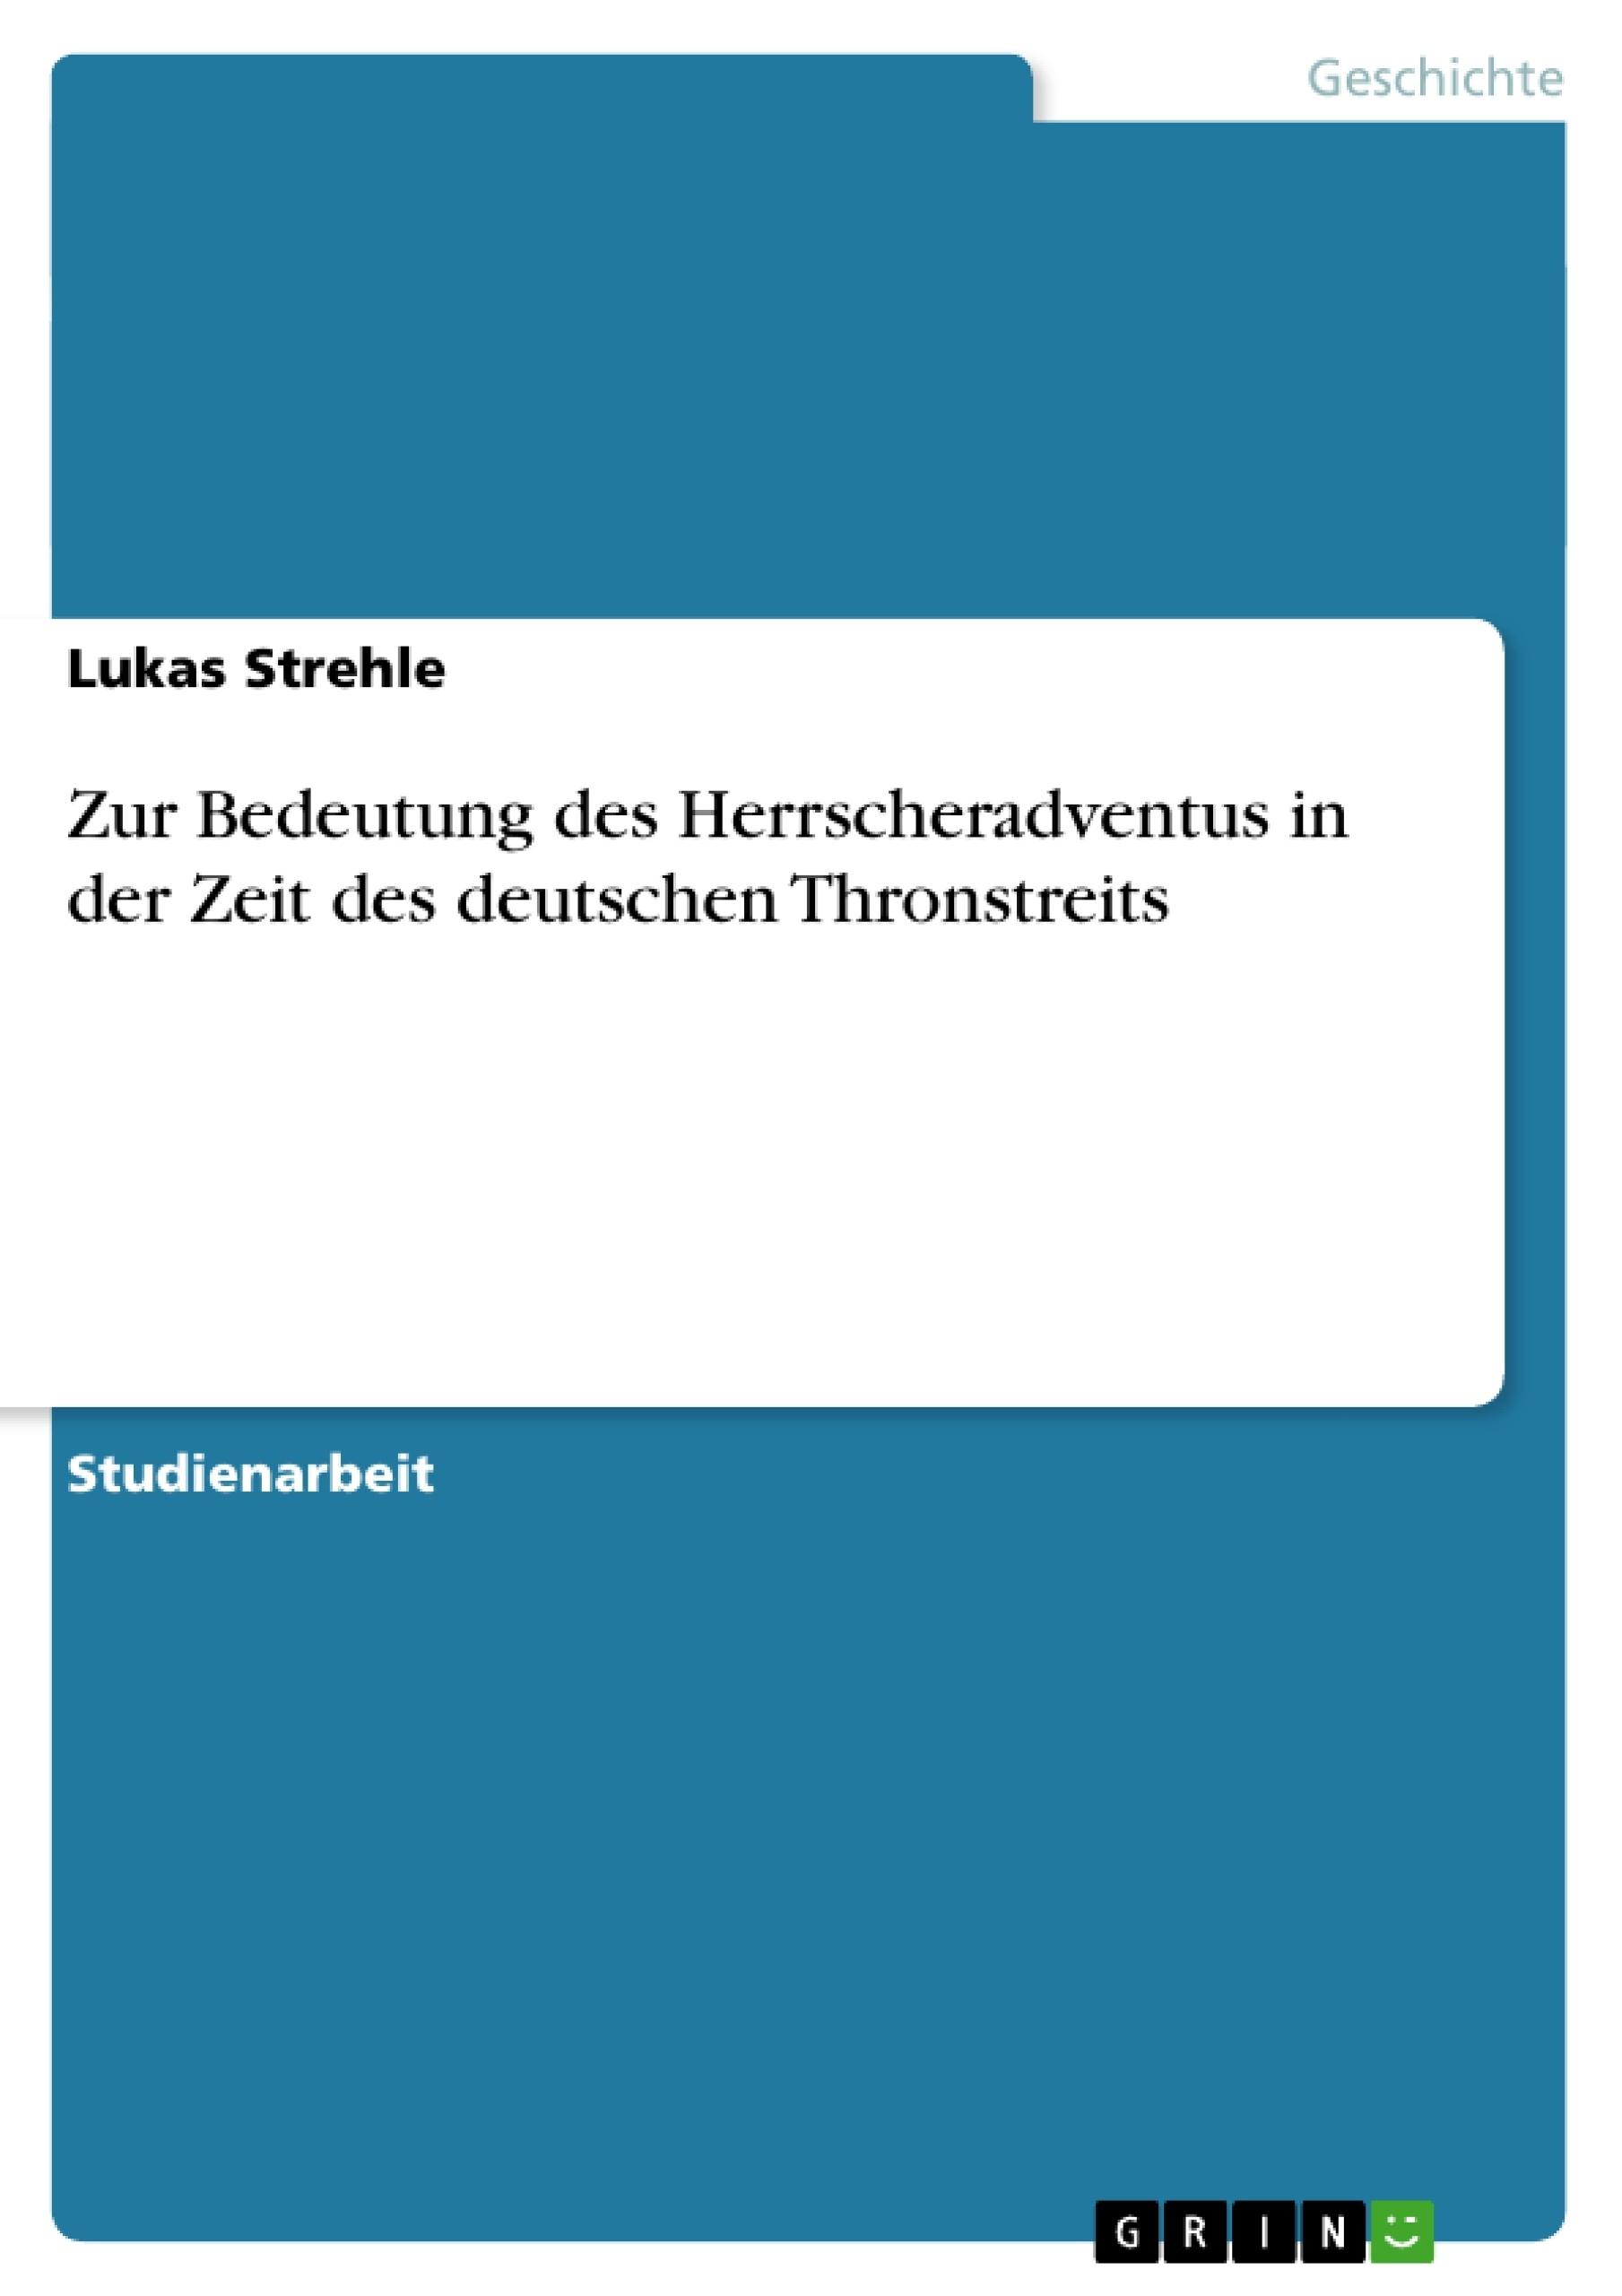 Titel: Zur Bedeutung des Herrscheradventus in der Zeit des deutschen Thronstreits